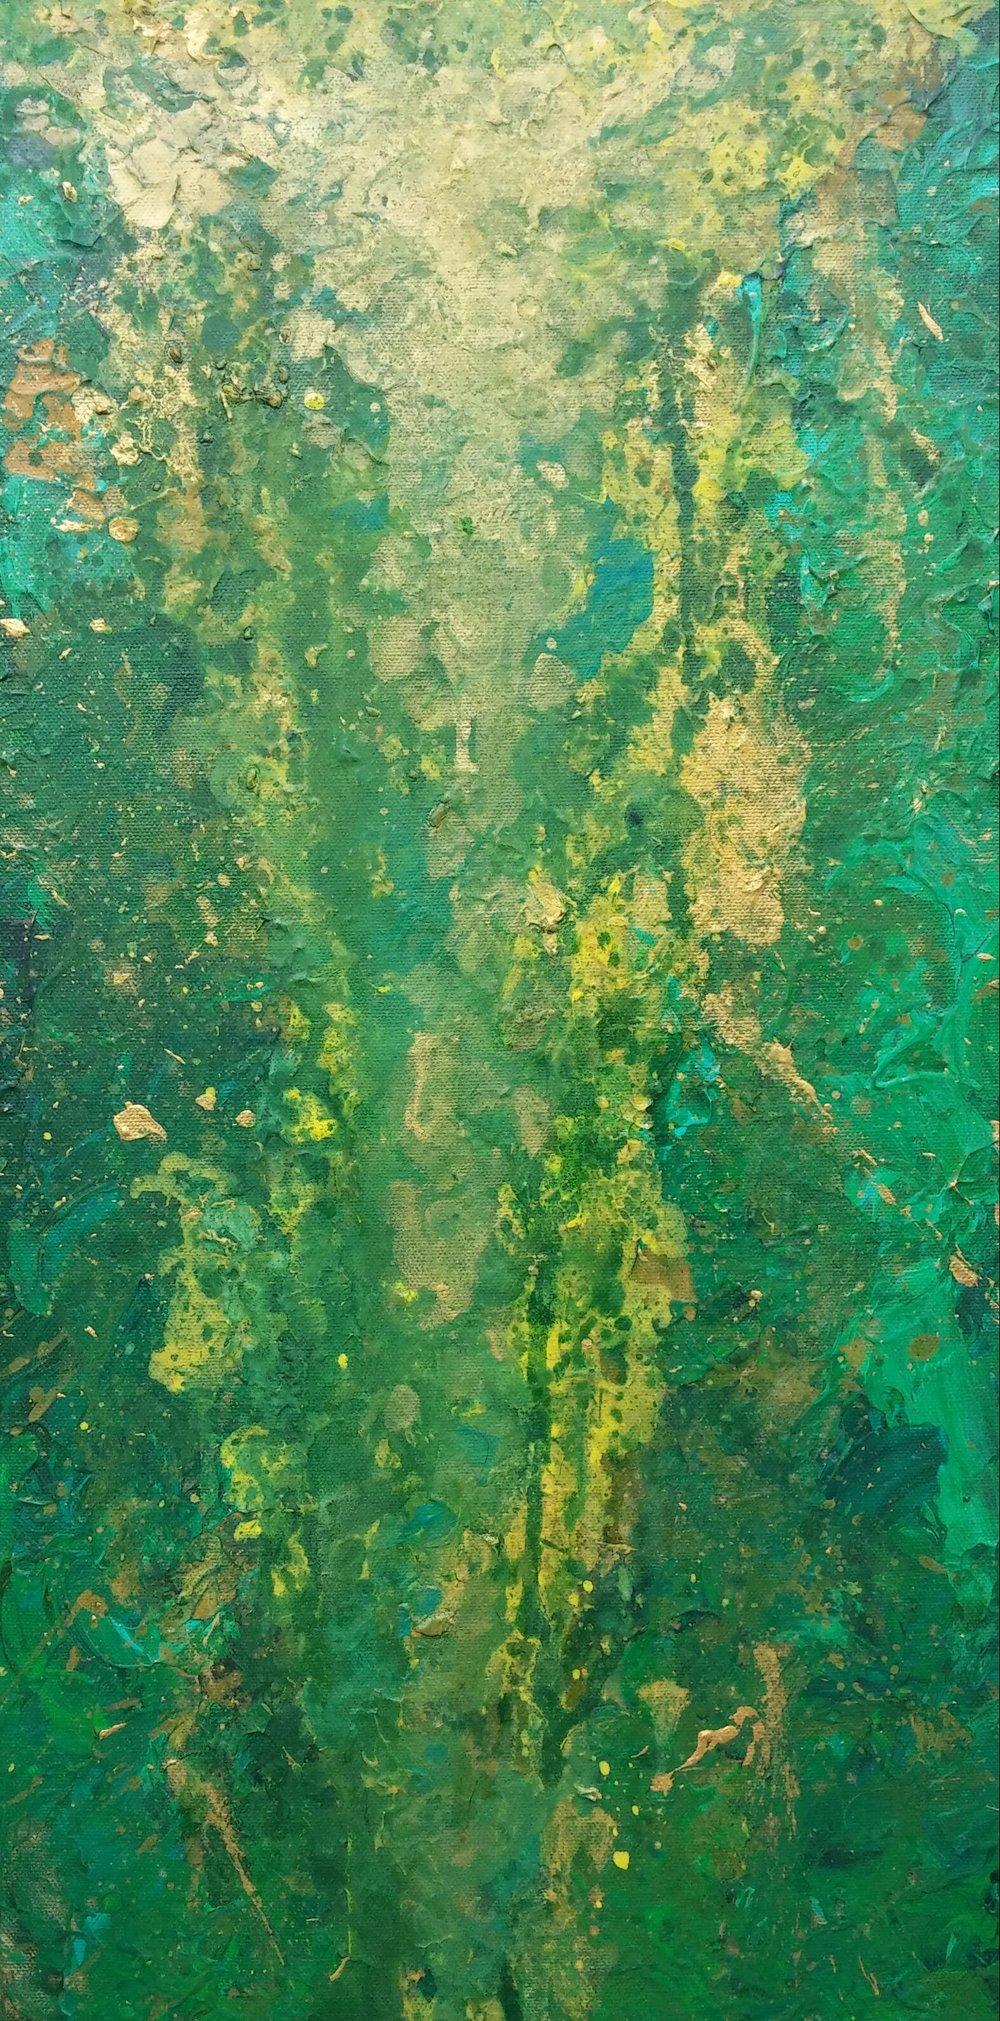 (Green) Nurturing